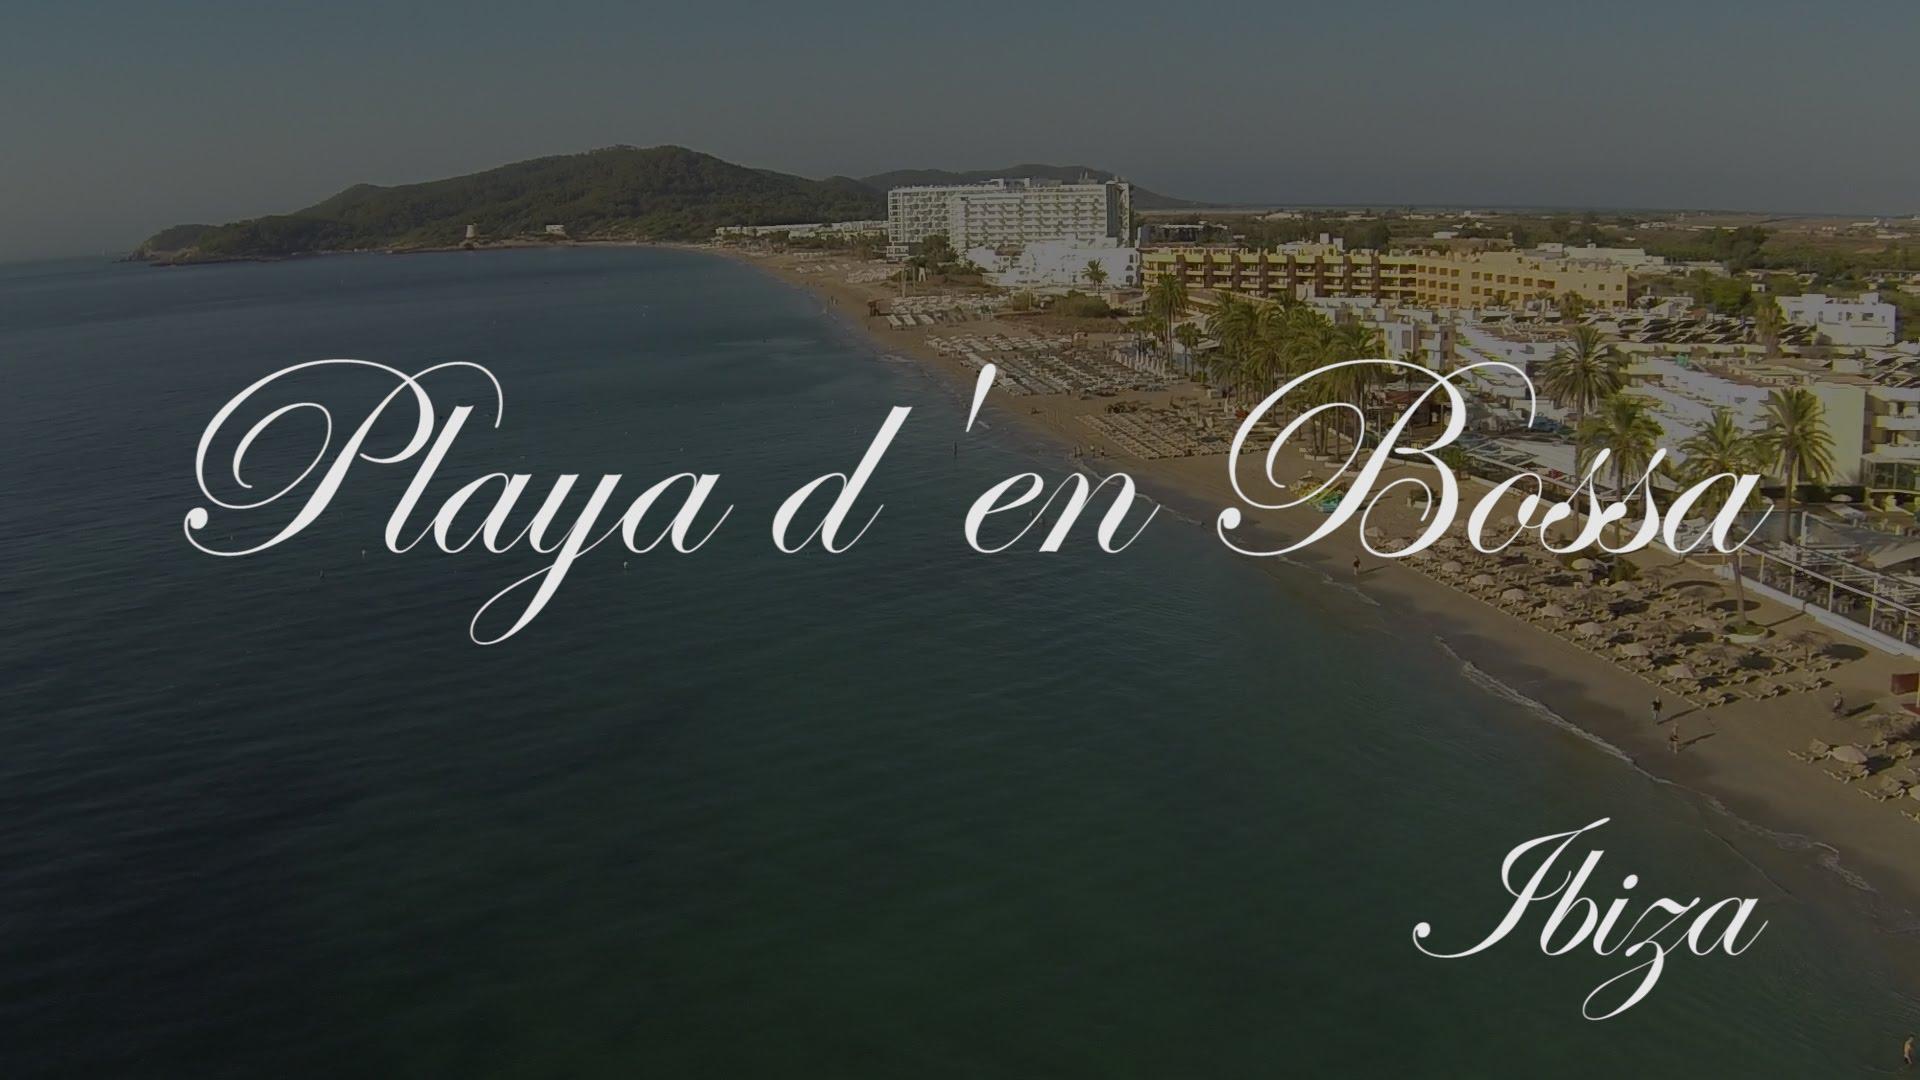 La Playa d'en Bossa vista desde el aire